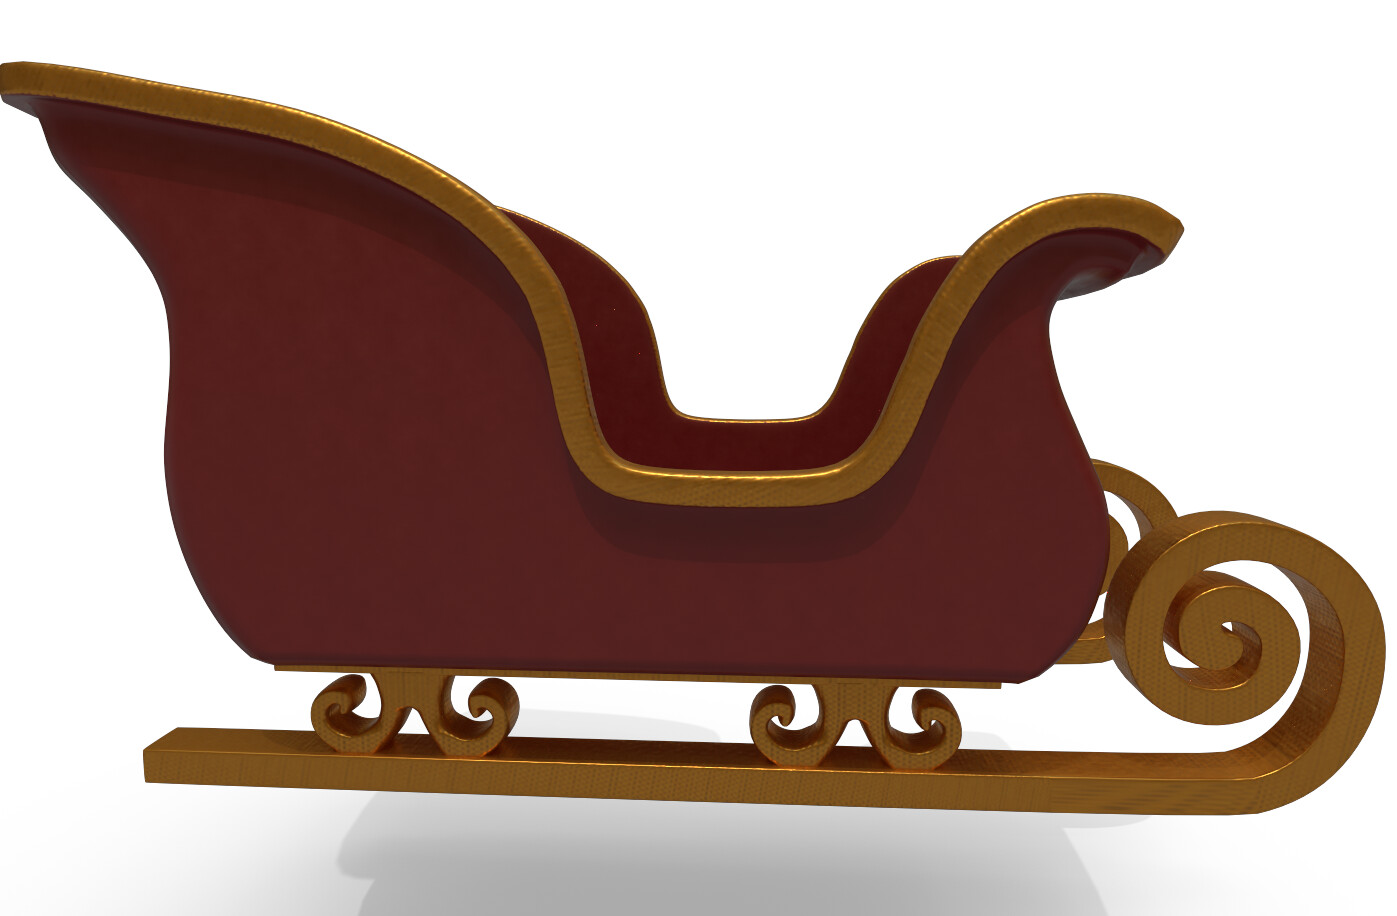 Joseph moniz sleigh002b